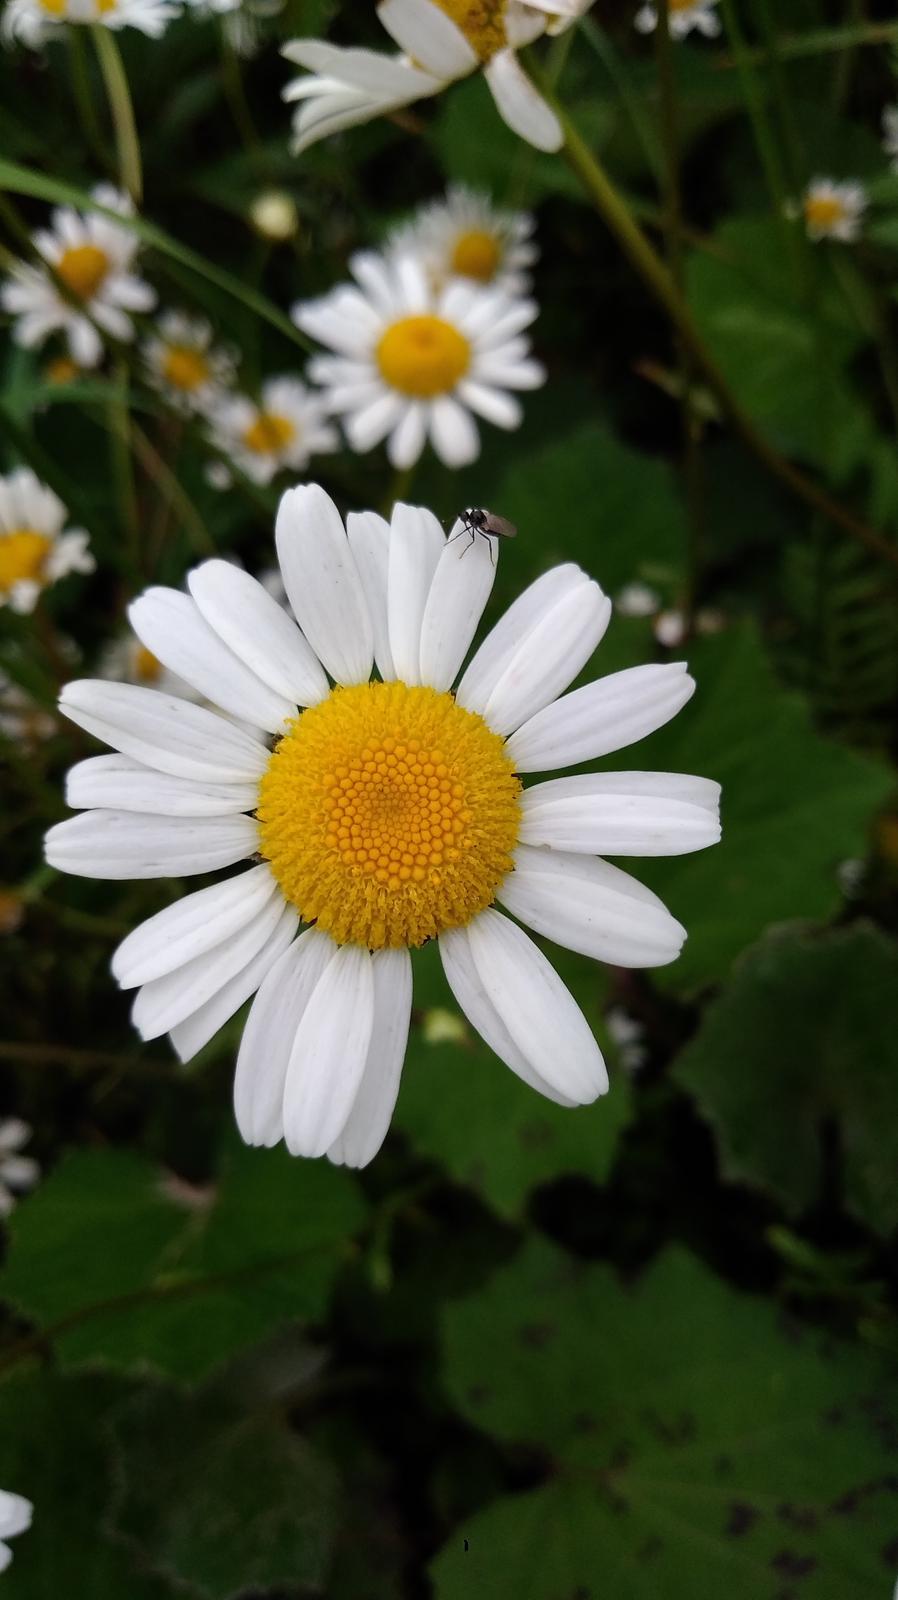 Margaréta biela - Obrázok č. 1